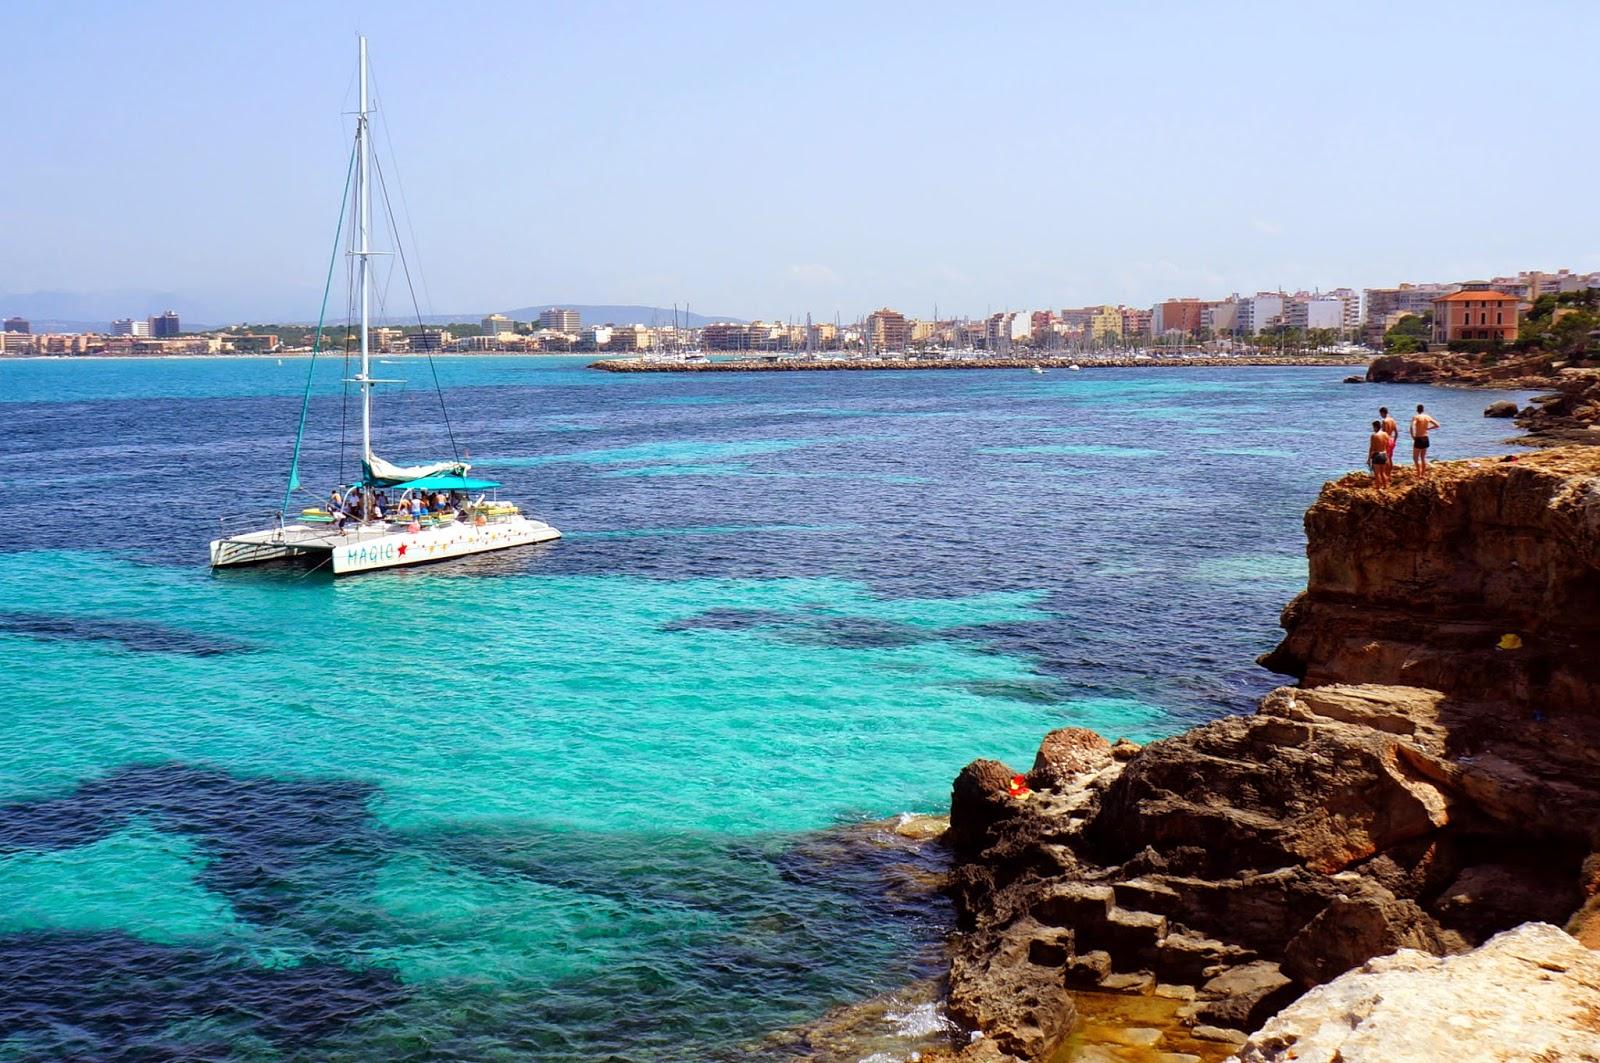 Paseando por la costa desde El Arenal hasta Cala Blava